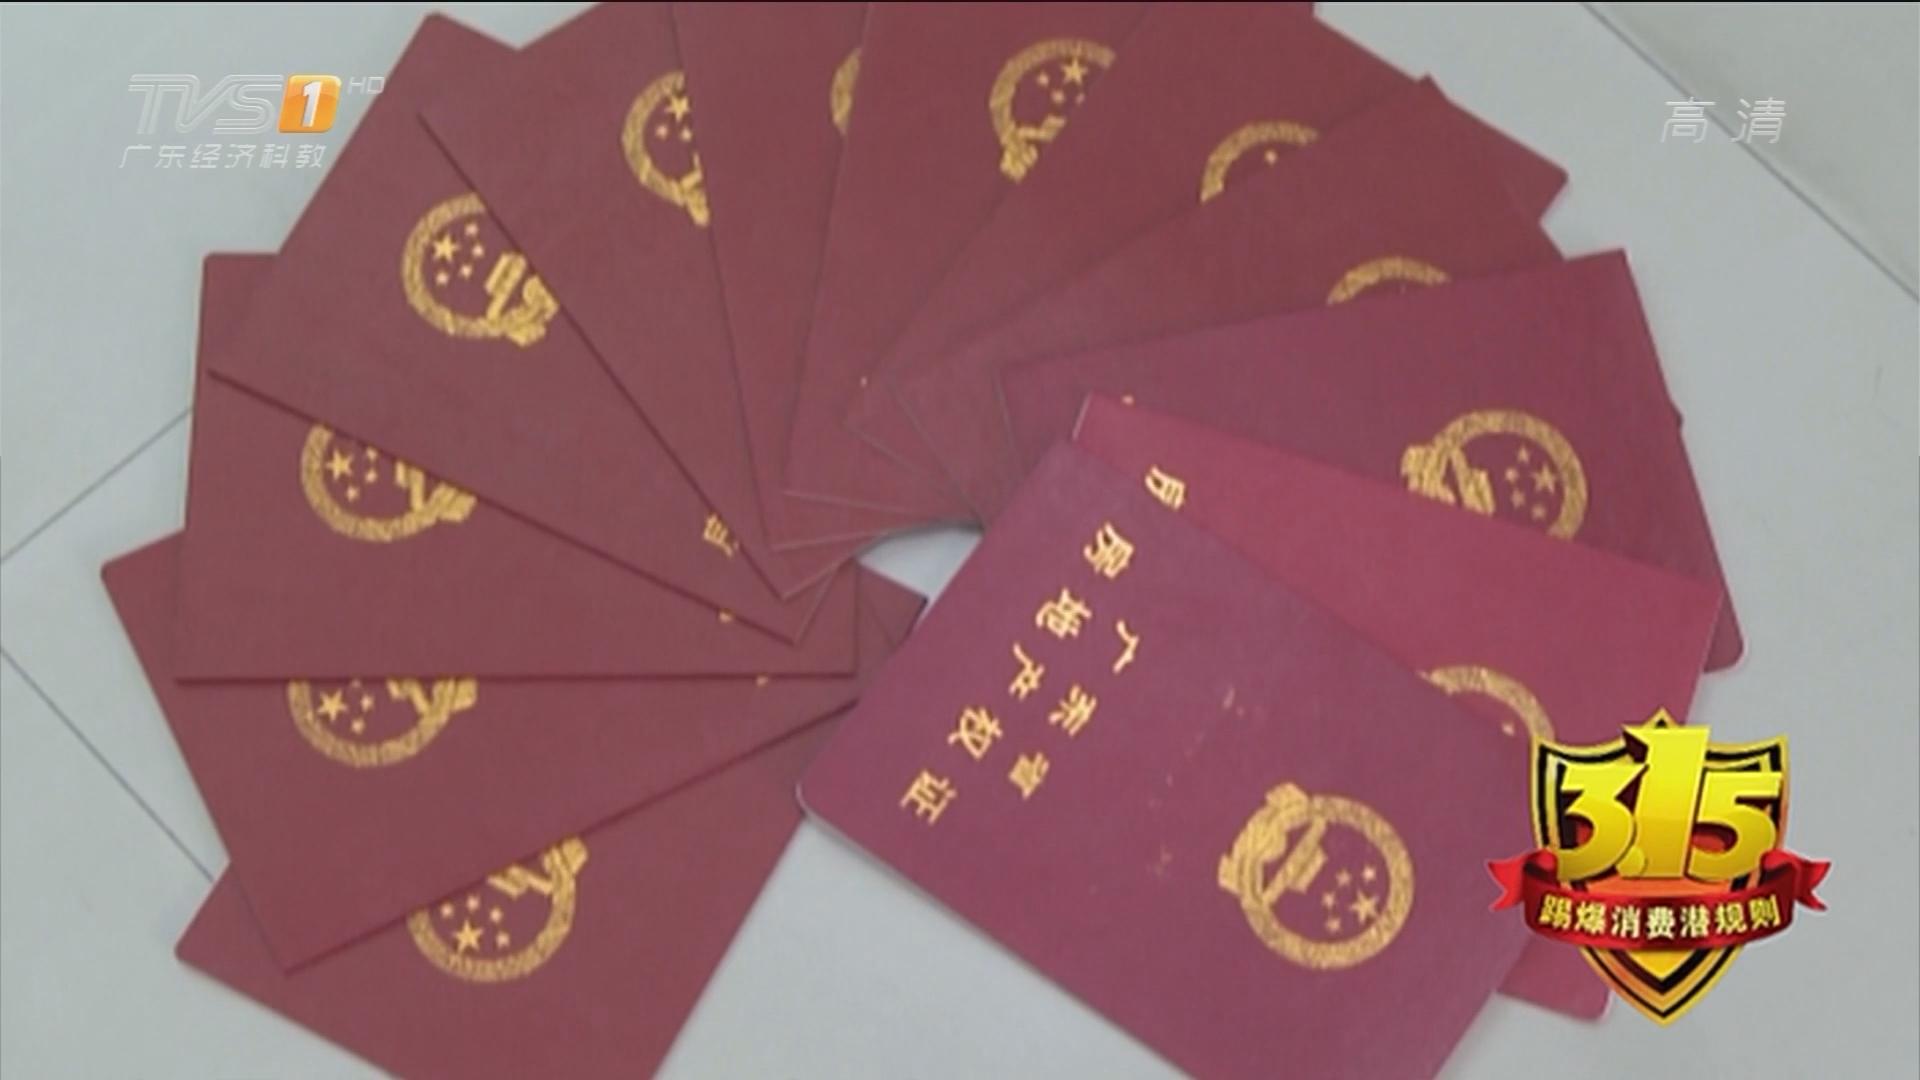 肇庆:手持十三本房产证 却进不了自己家